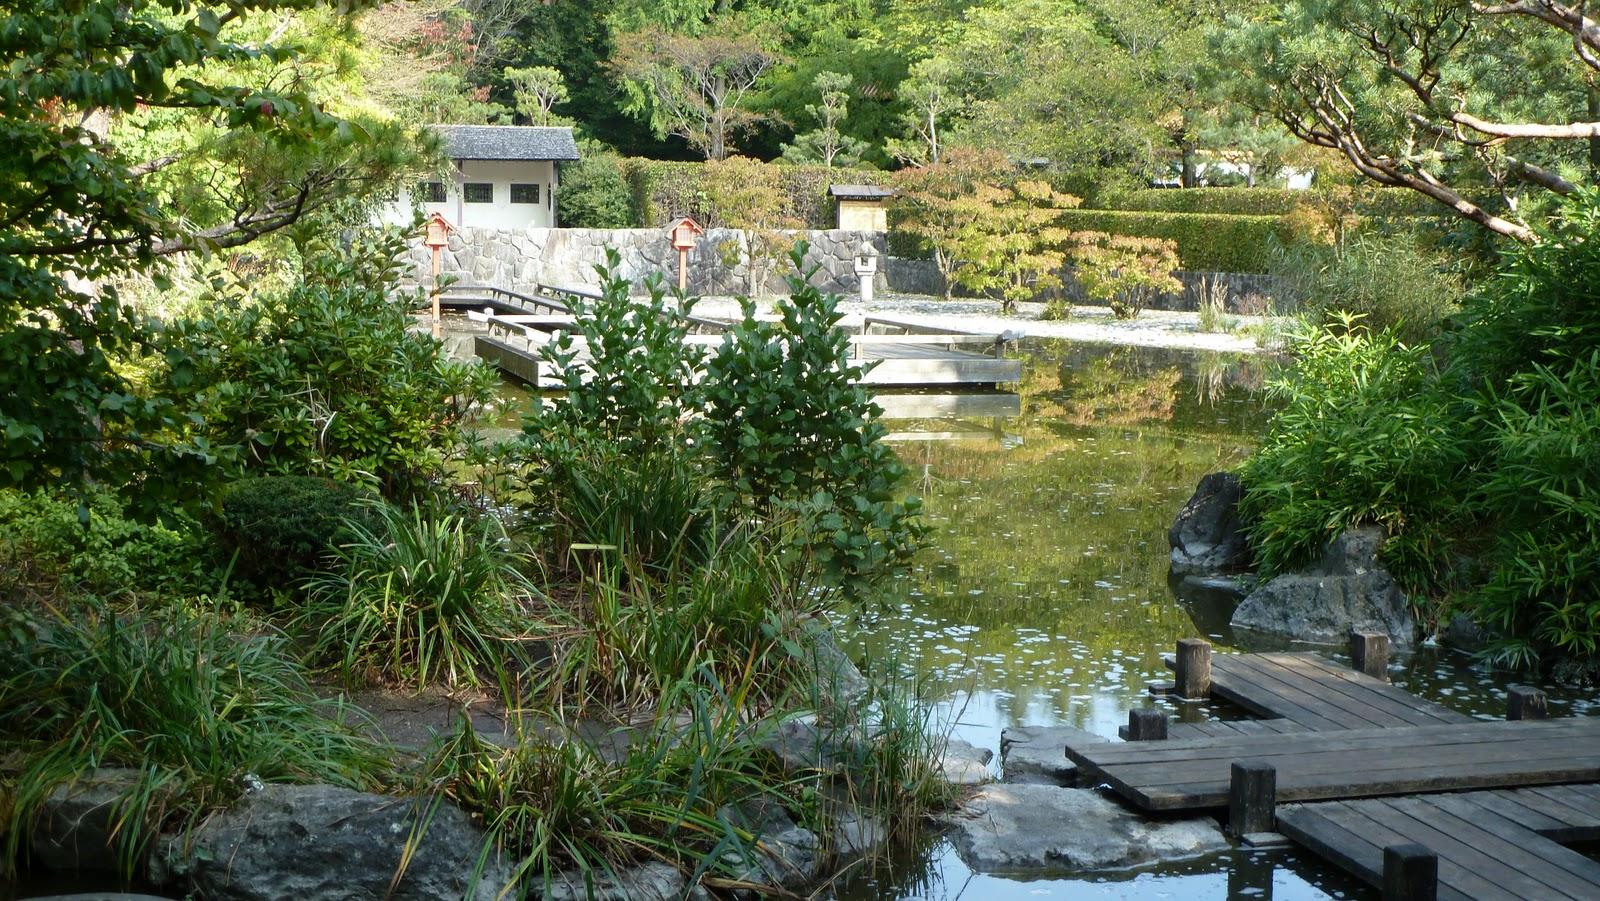 Japanischer Garten München zauber garten der westpark in münchen teil 2